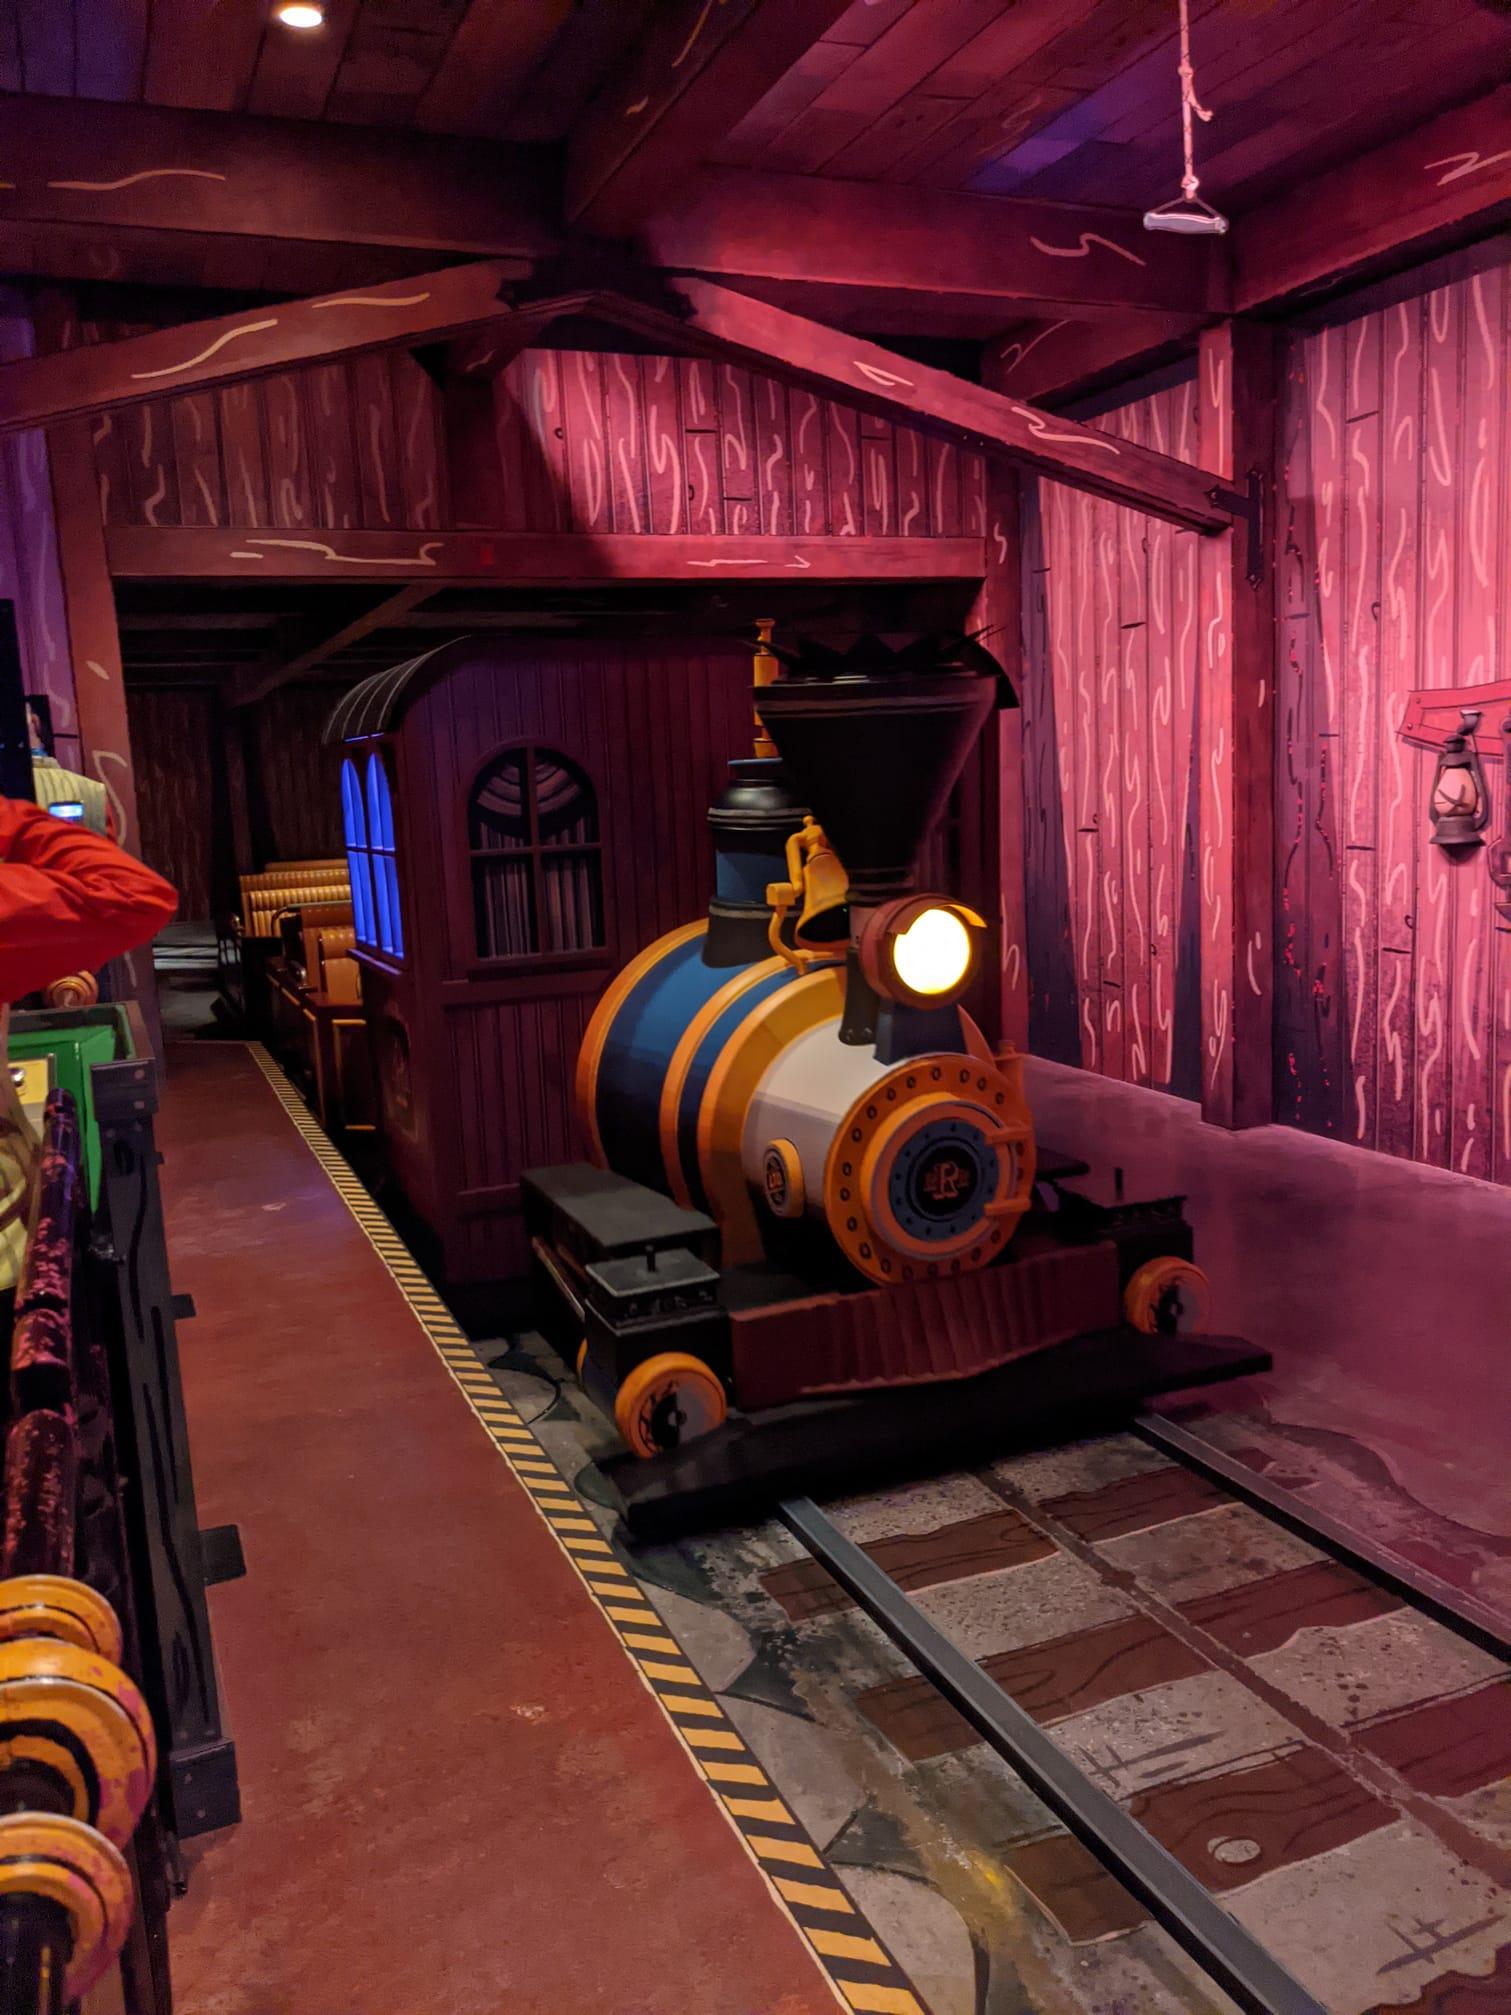 Mickey and Minnie's Runaway Train